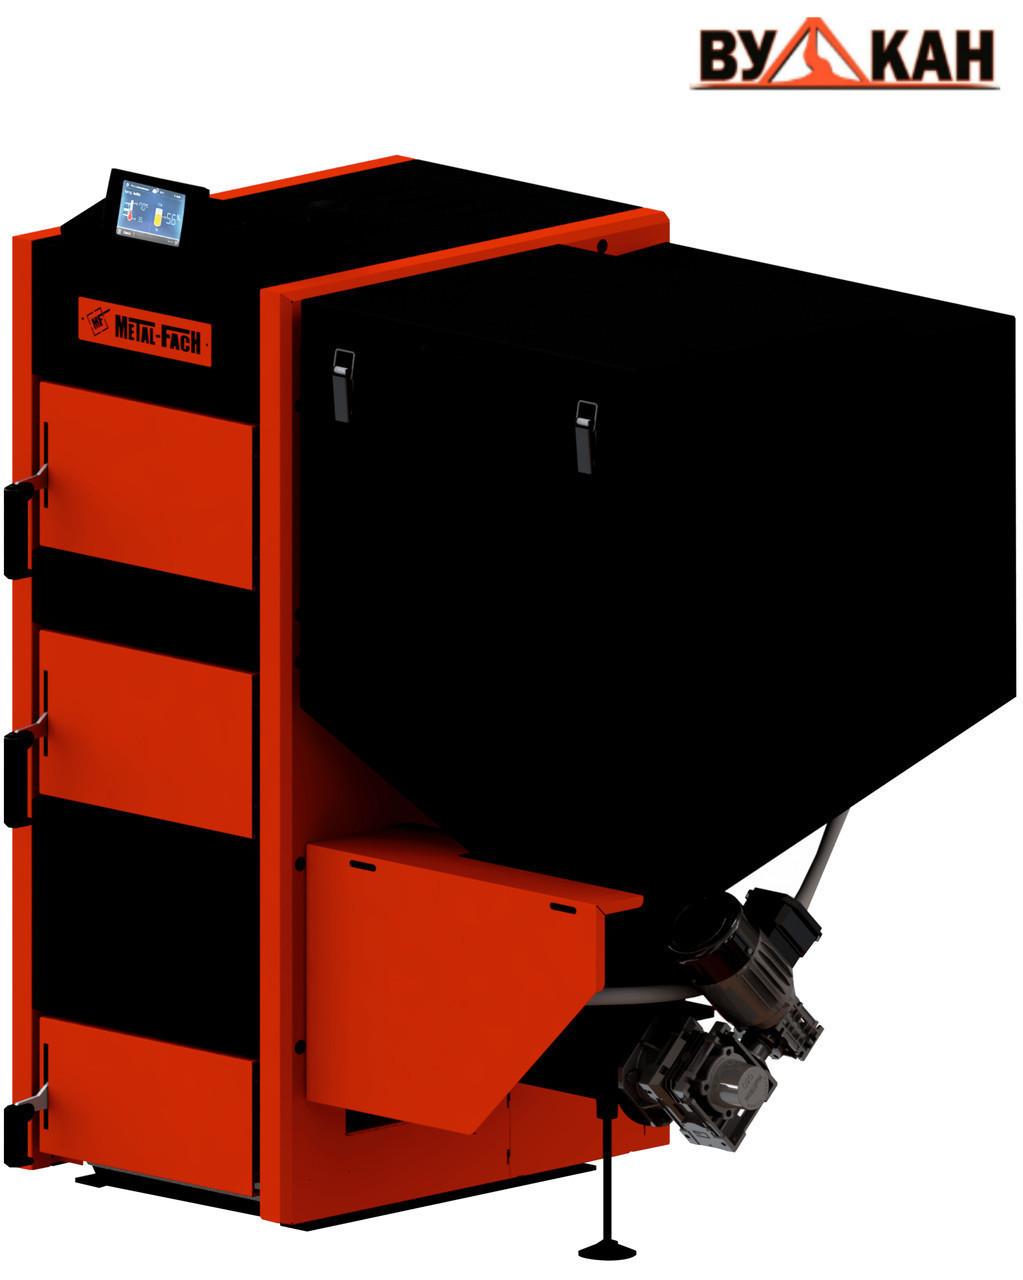 Автоматический котел Metal-Fach SEG 75 кВт с правой подачей